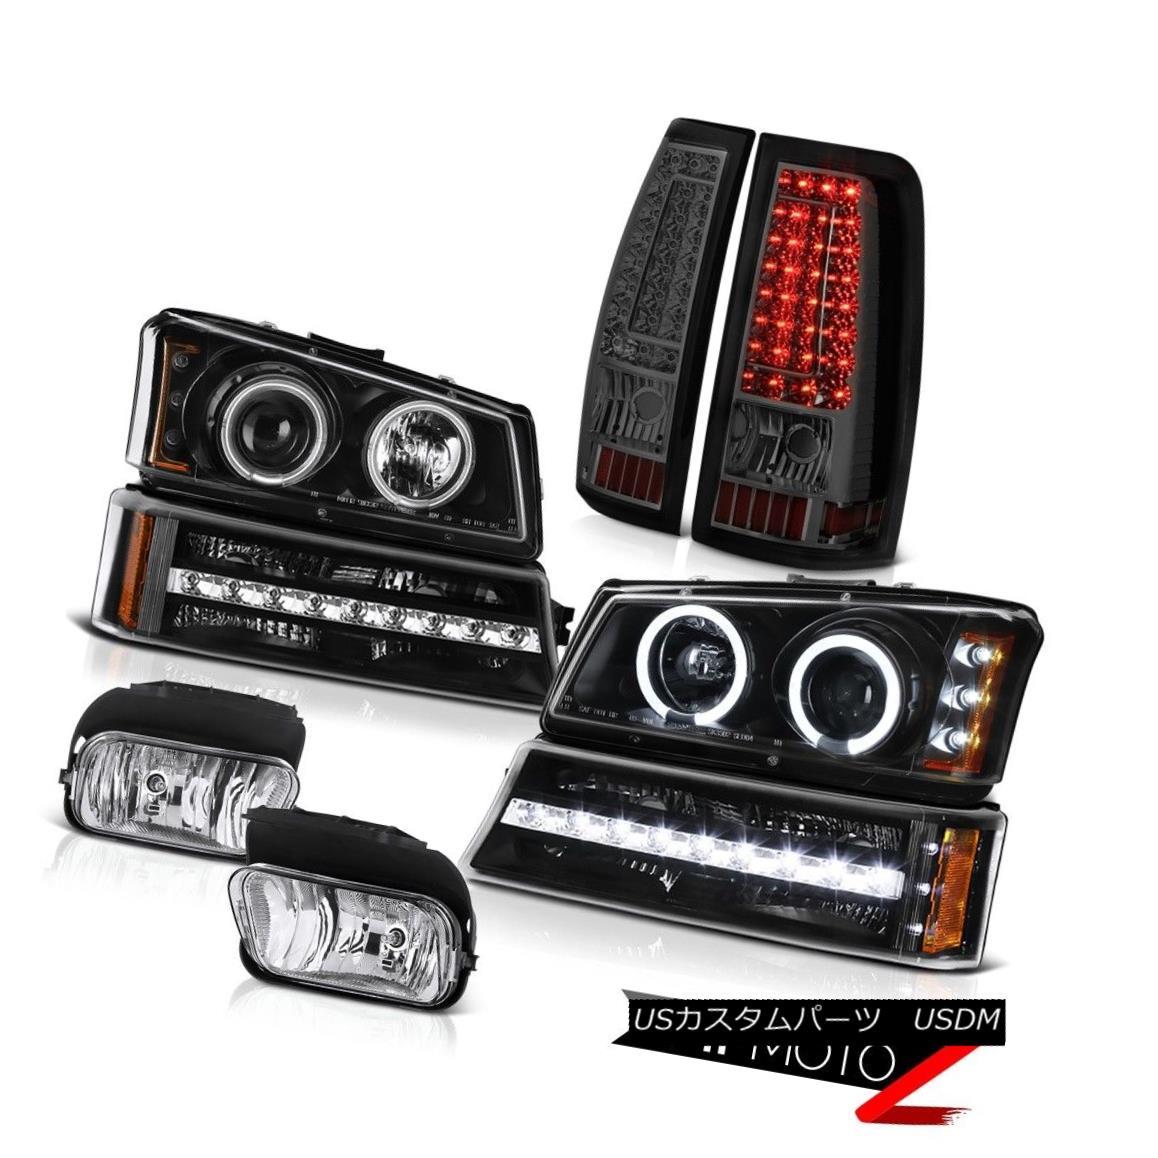 ヘッドライト 2003-2006 Chevy Silverado Chrome Fog Lamps Taillights Bumper Lamp Headlamps LED 2003-2006シボレーシルバラードクロームフォグランプテールライトバンパーランプヘッドランプLED